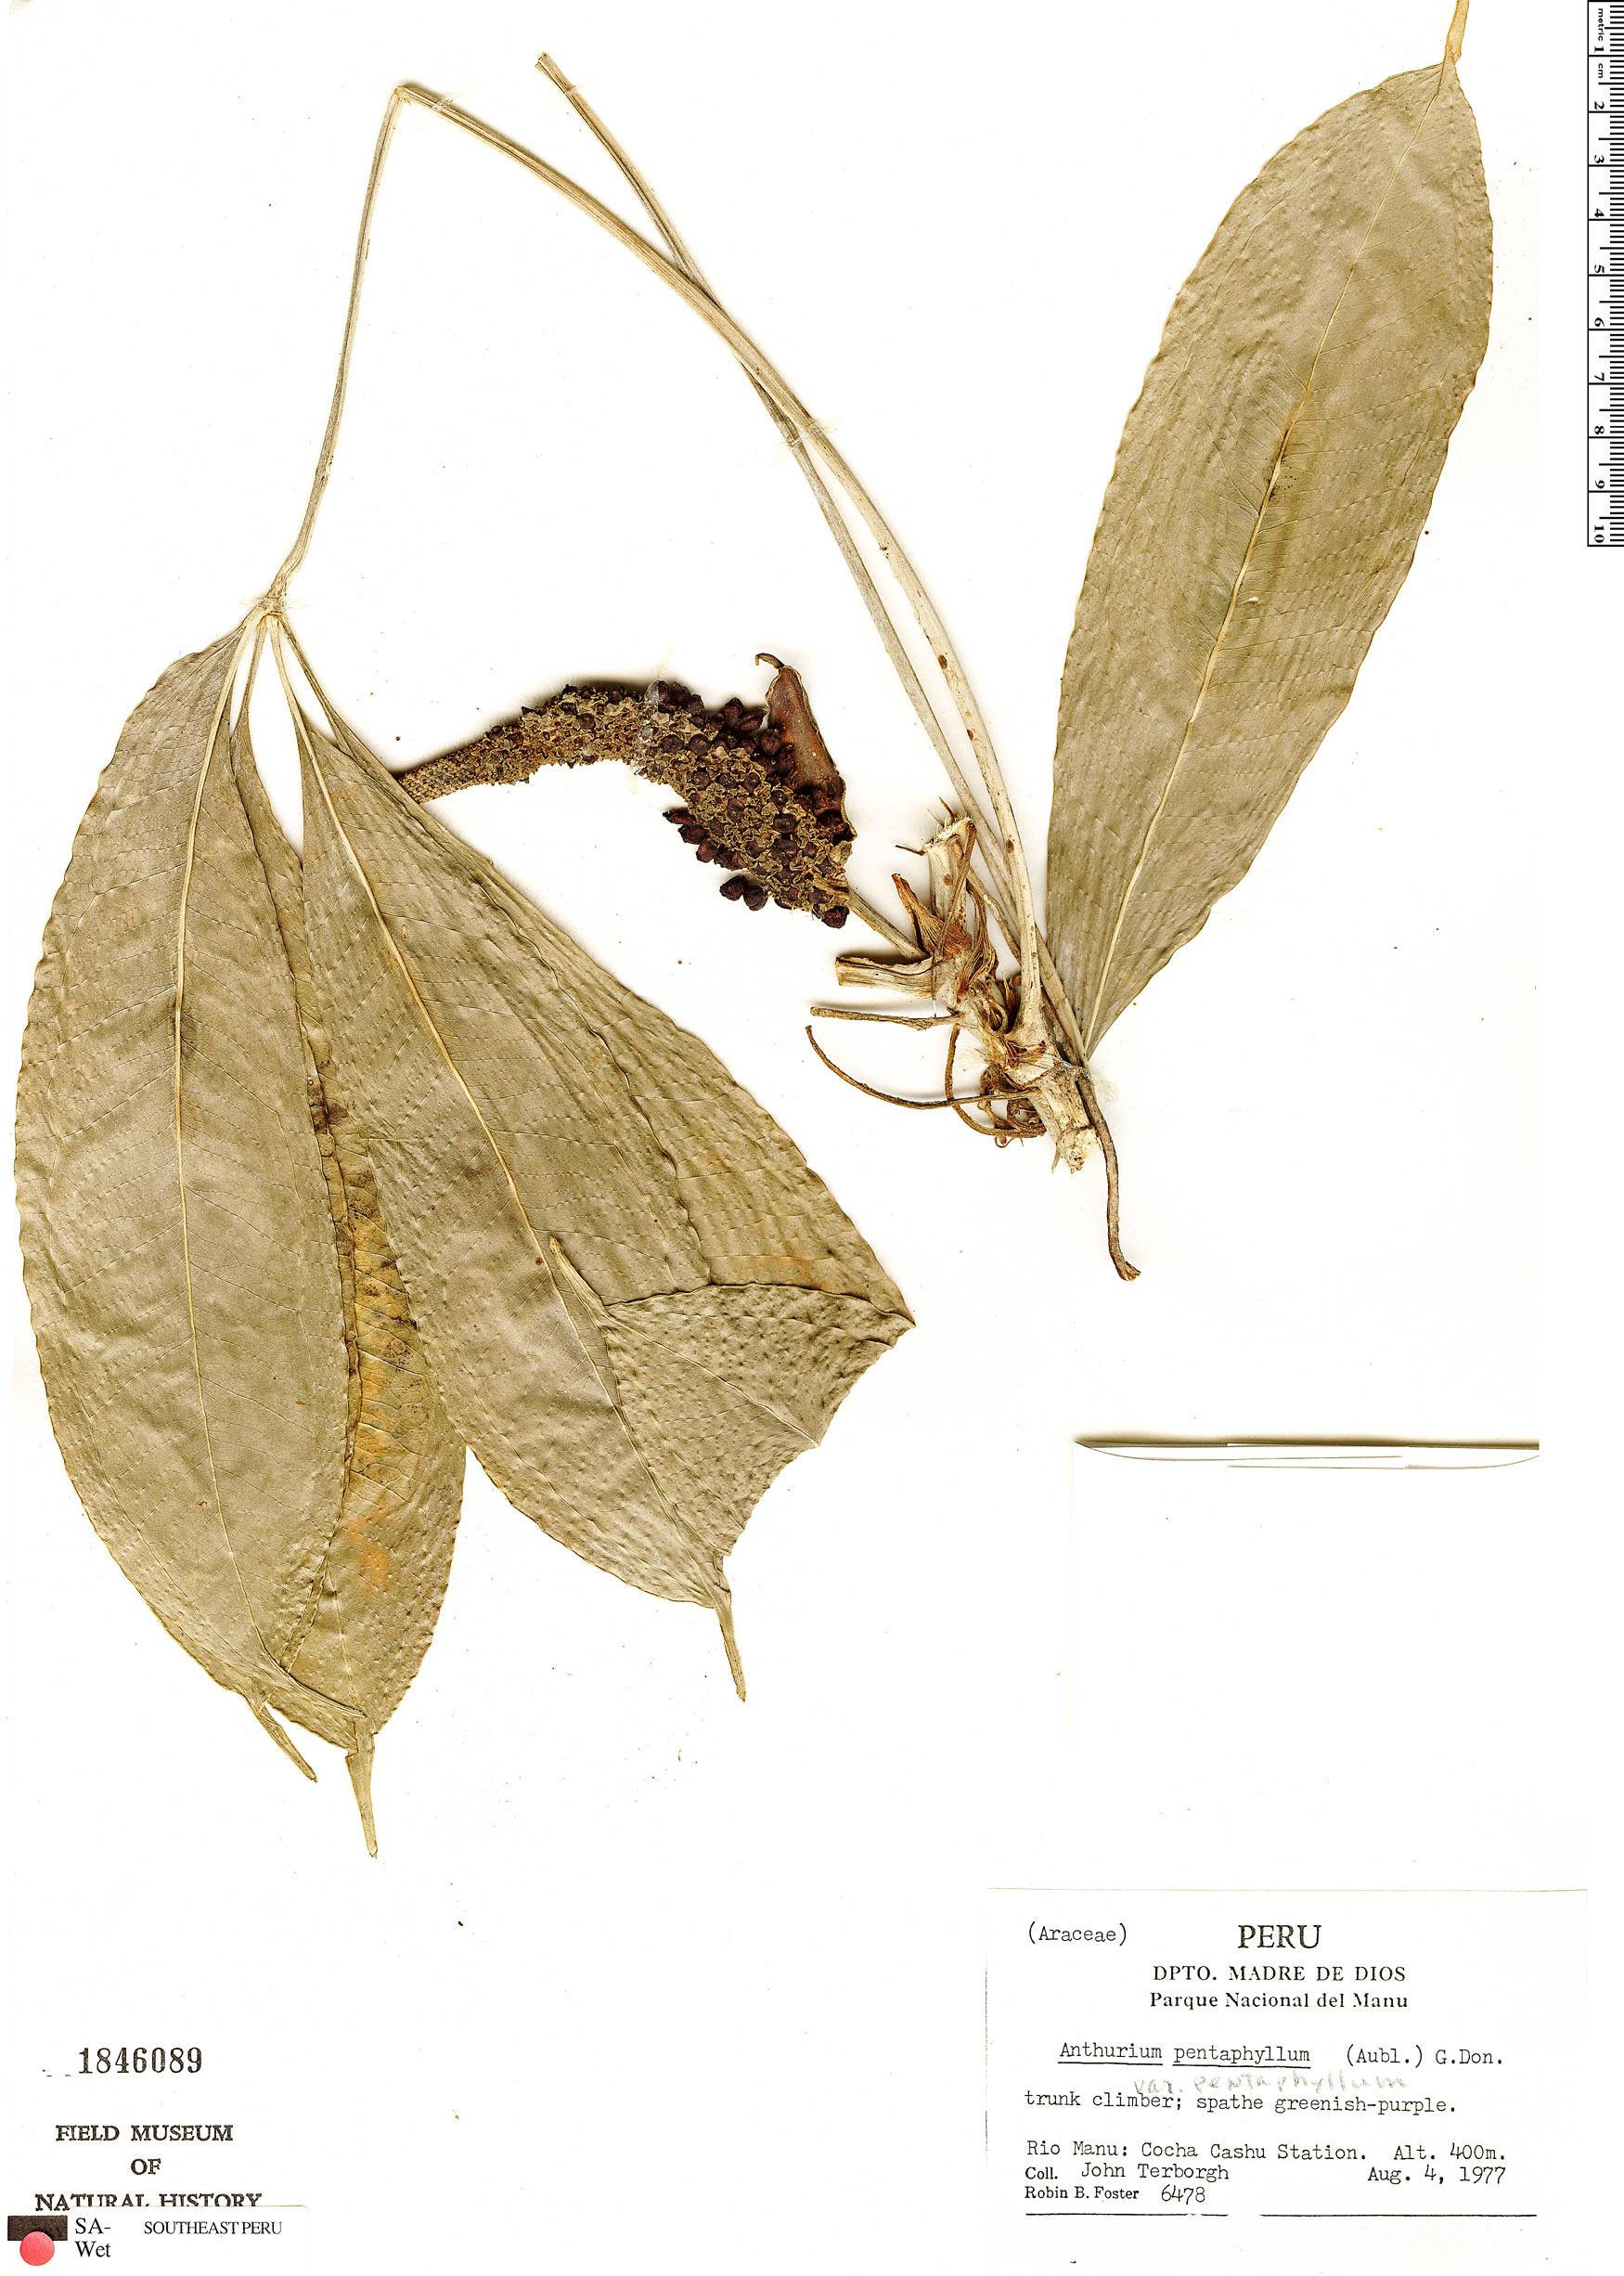 Specimen: Anthurium pentaphyllum